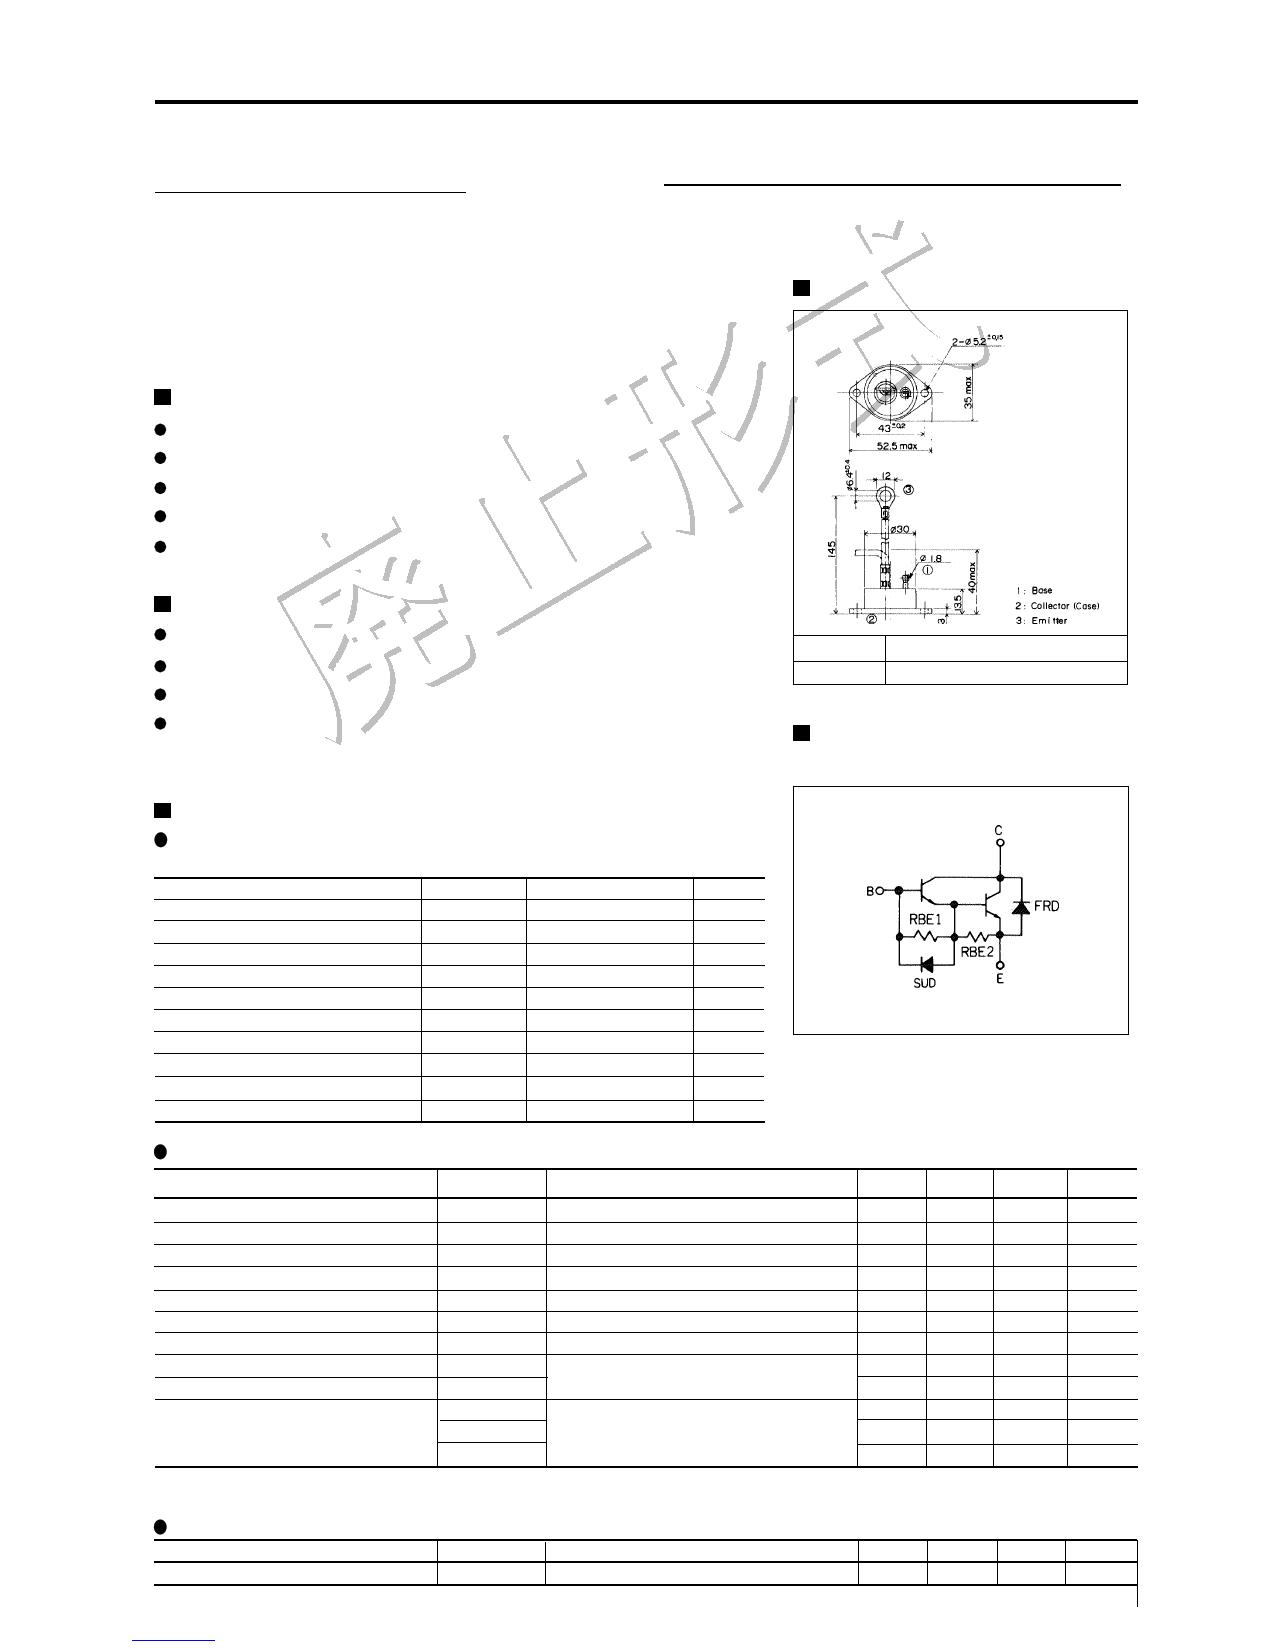 D1056 datasheet